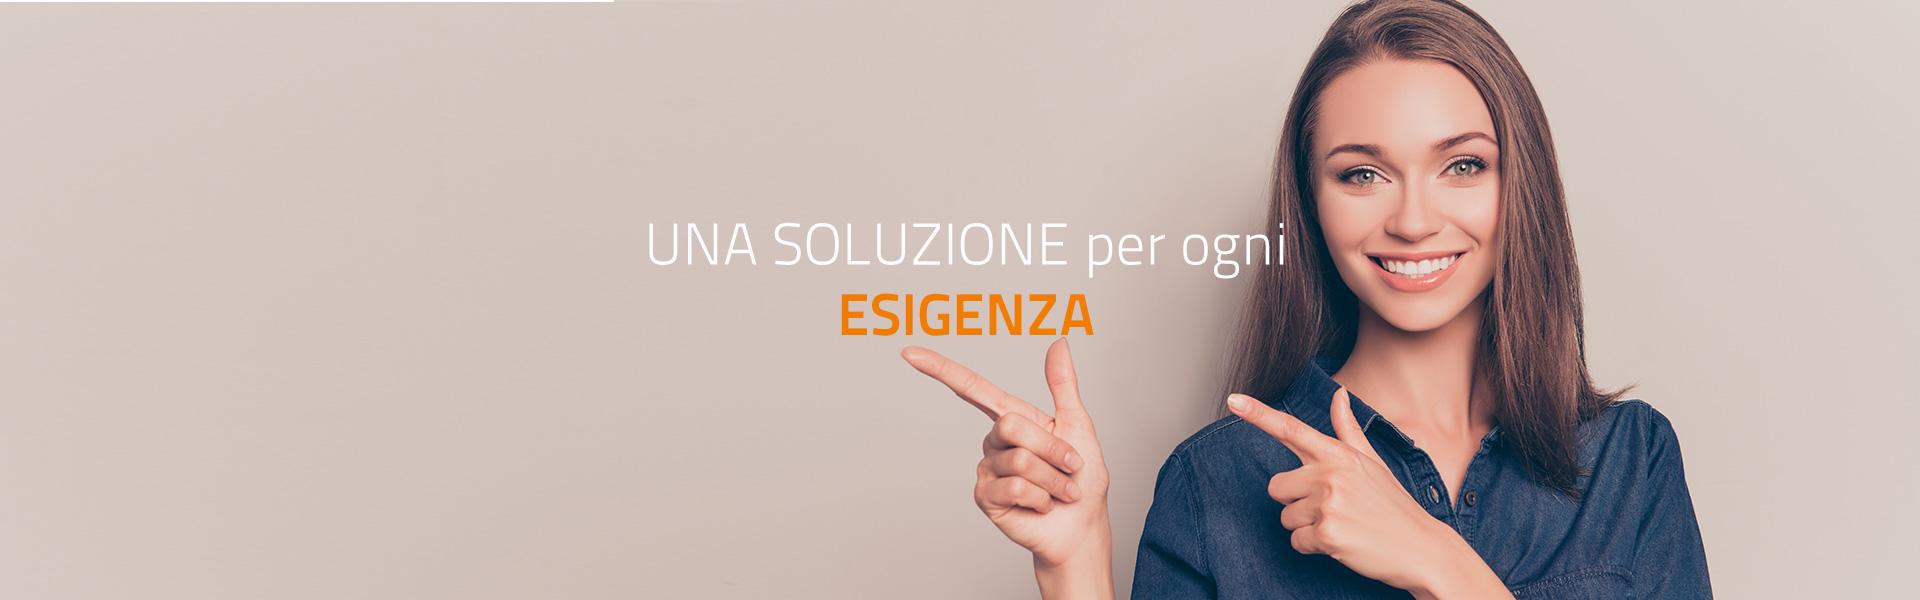 Banner-ASSETSolare-1920x600